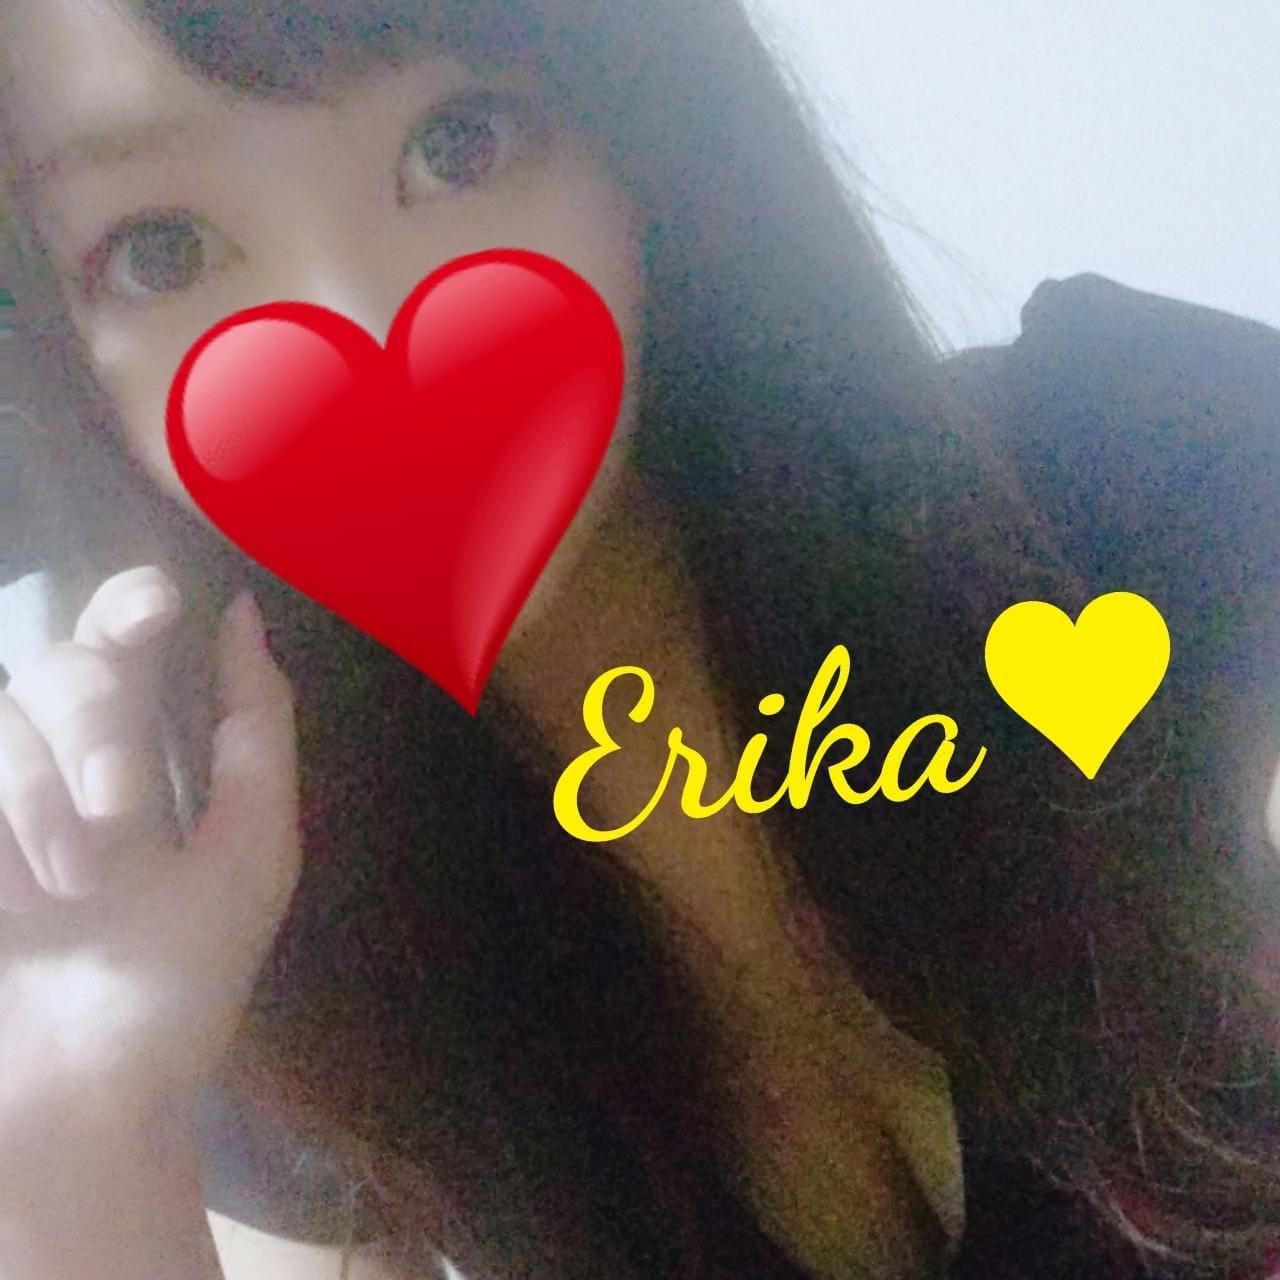 「女装コース?」09/24(月) 23:43 | Erikaの写メ・風俗動画